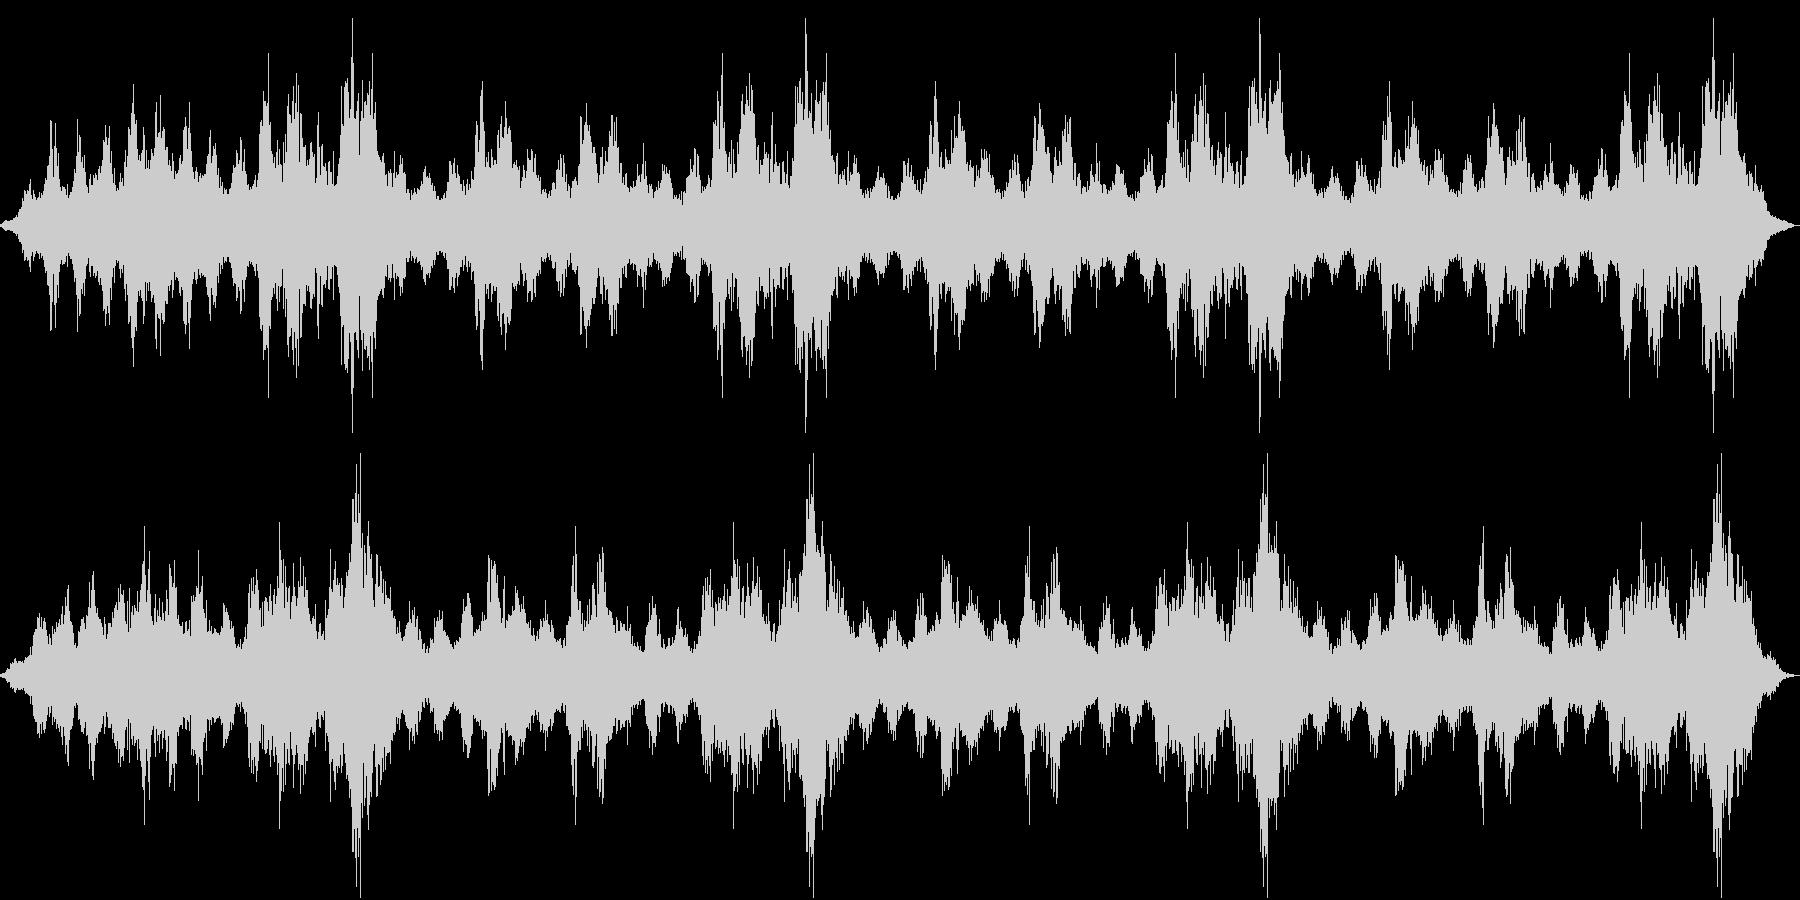 【ダークアンビエント】サウンドスケープの未再生の波形